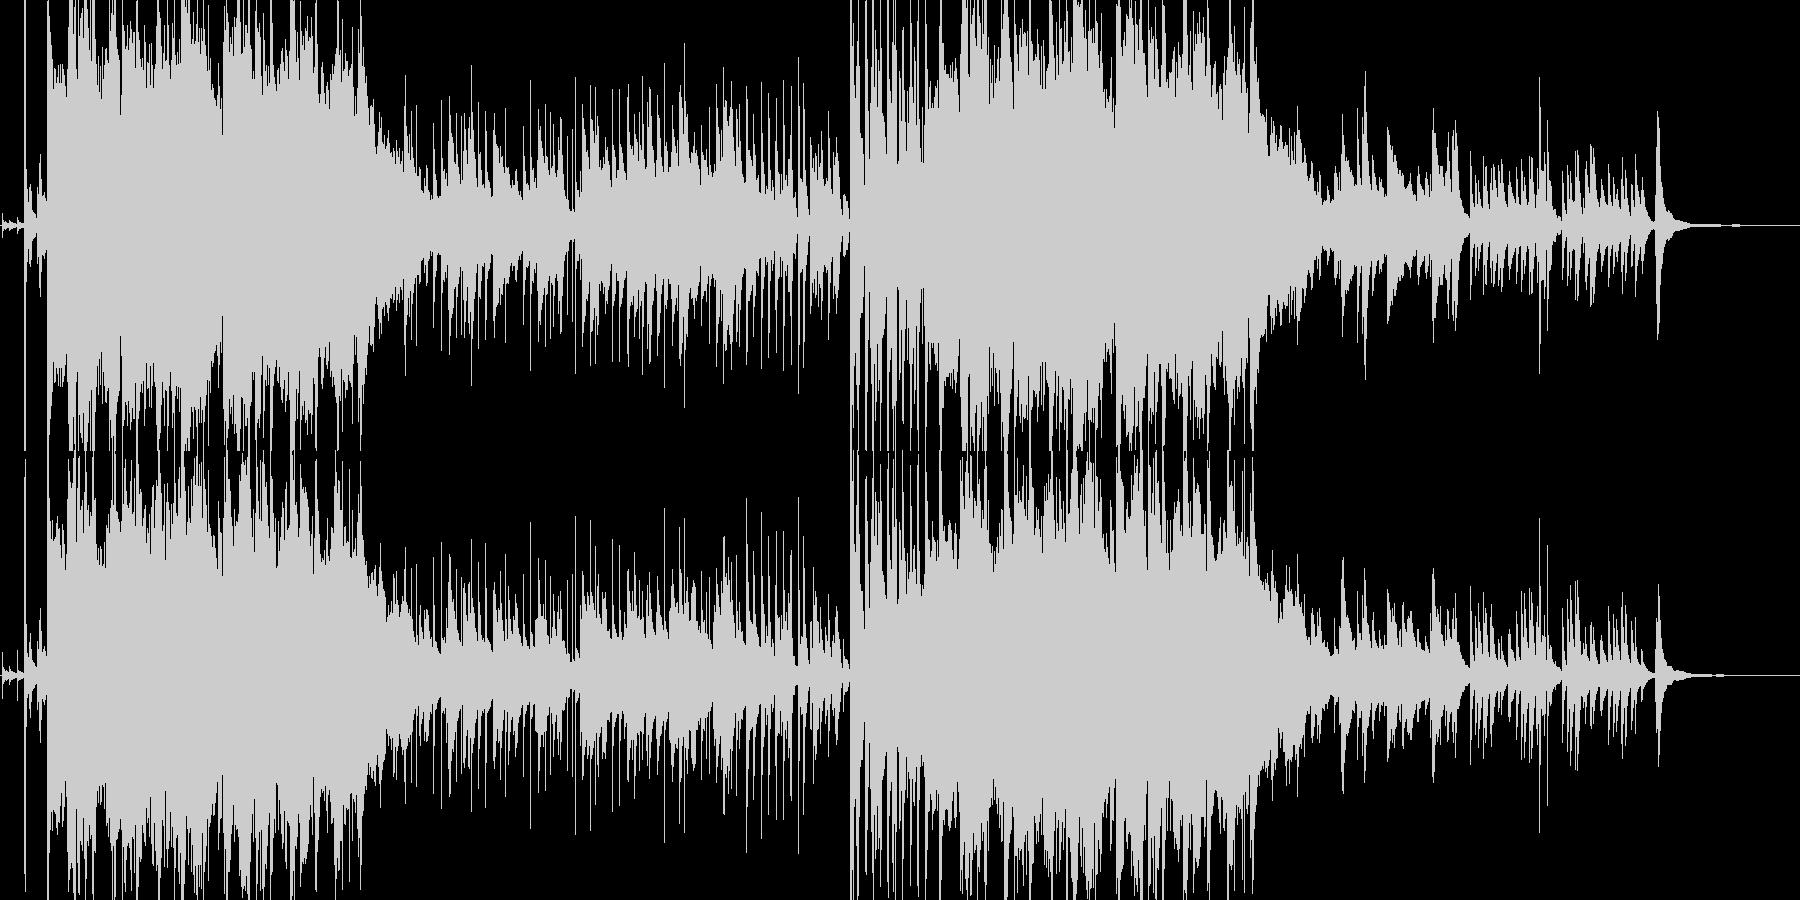 ピアノとストリングスのワルツ (雪の朝)の未再生の波形